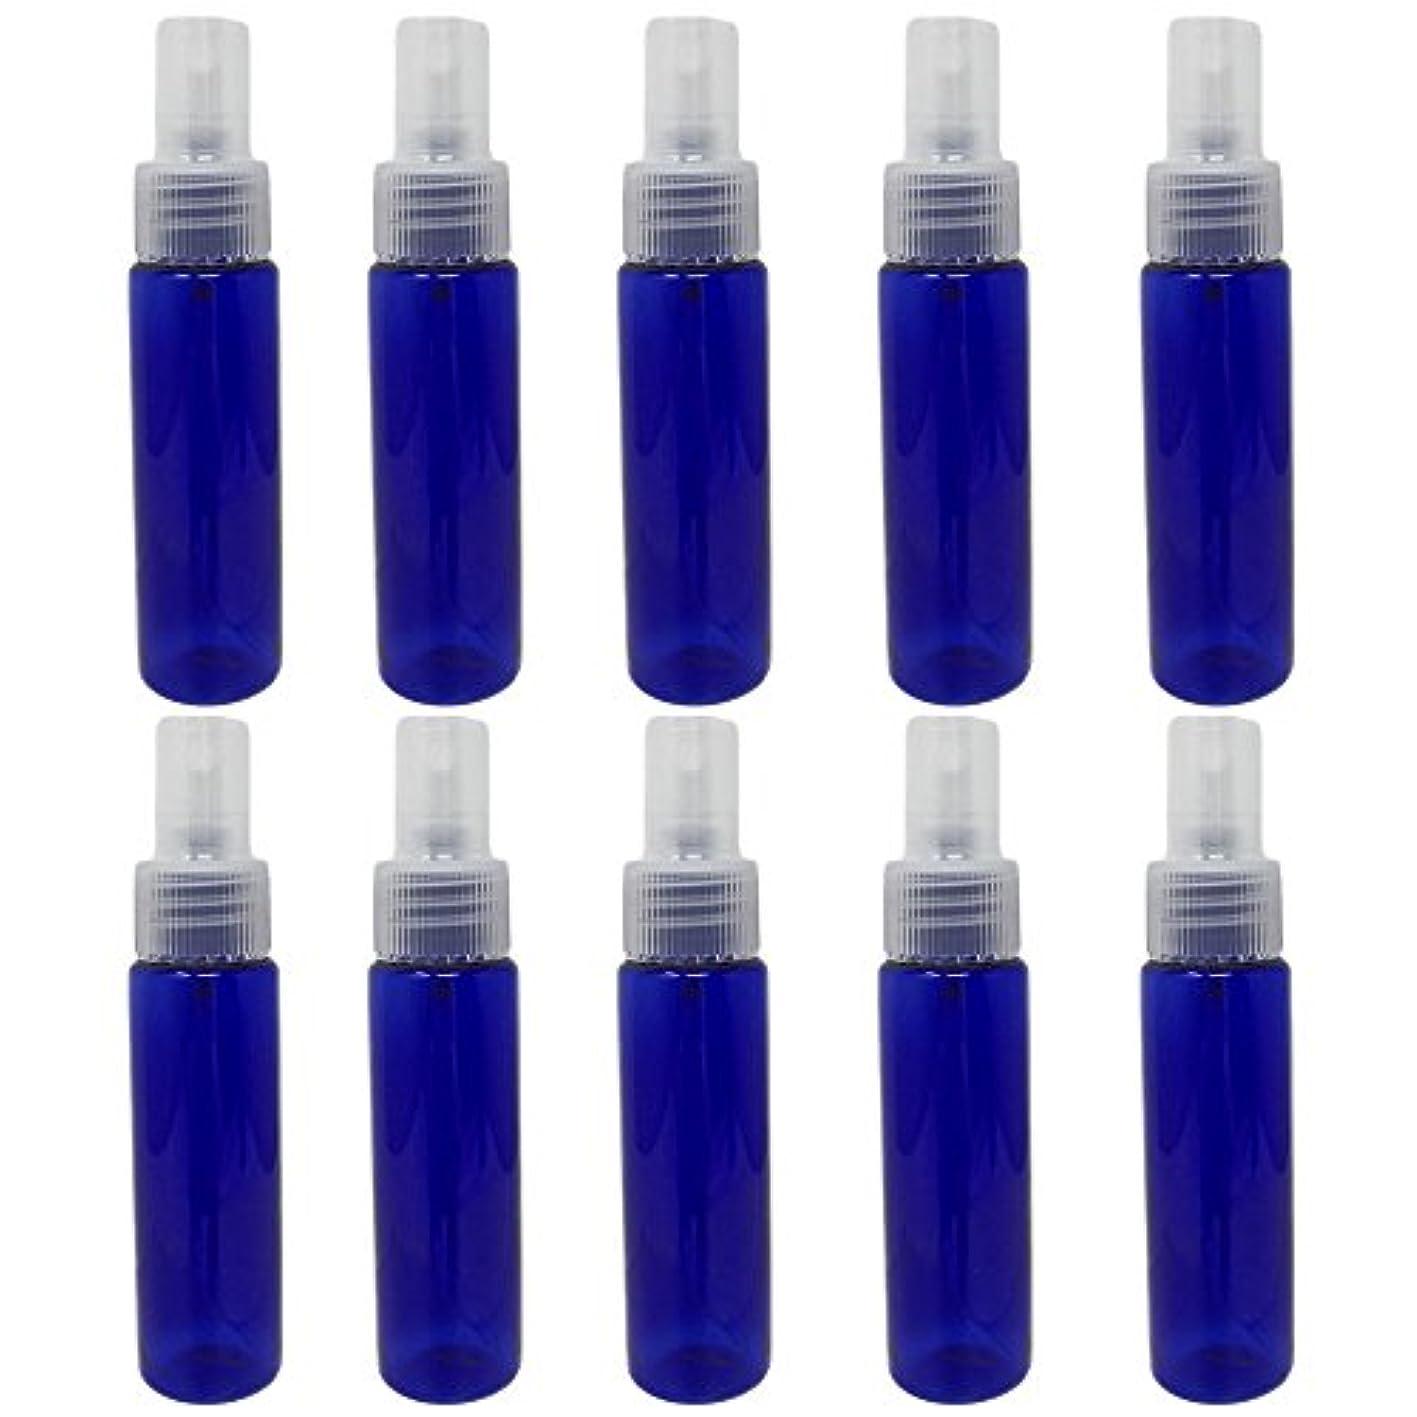 推進力すずめ混合[pkpohs] スプレーボトル 霧吹き スプレー 小分け ボトル 保存容器 化粧水 コスメ 携帯用 (30ml/10本)